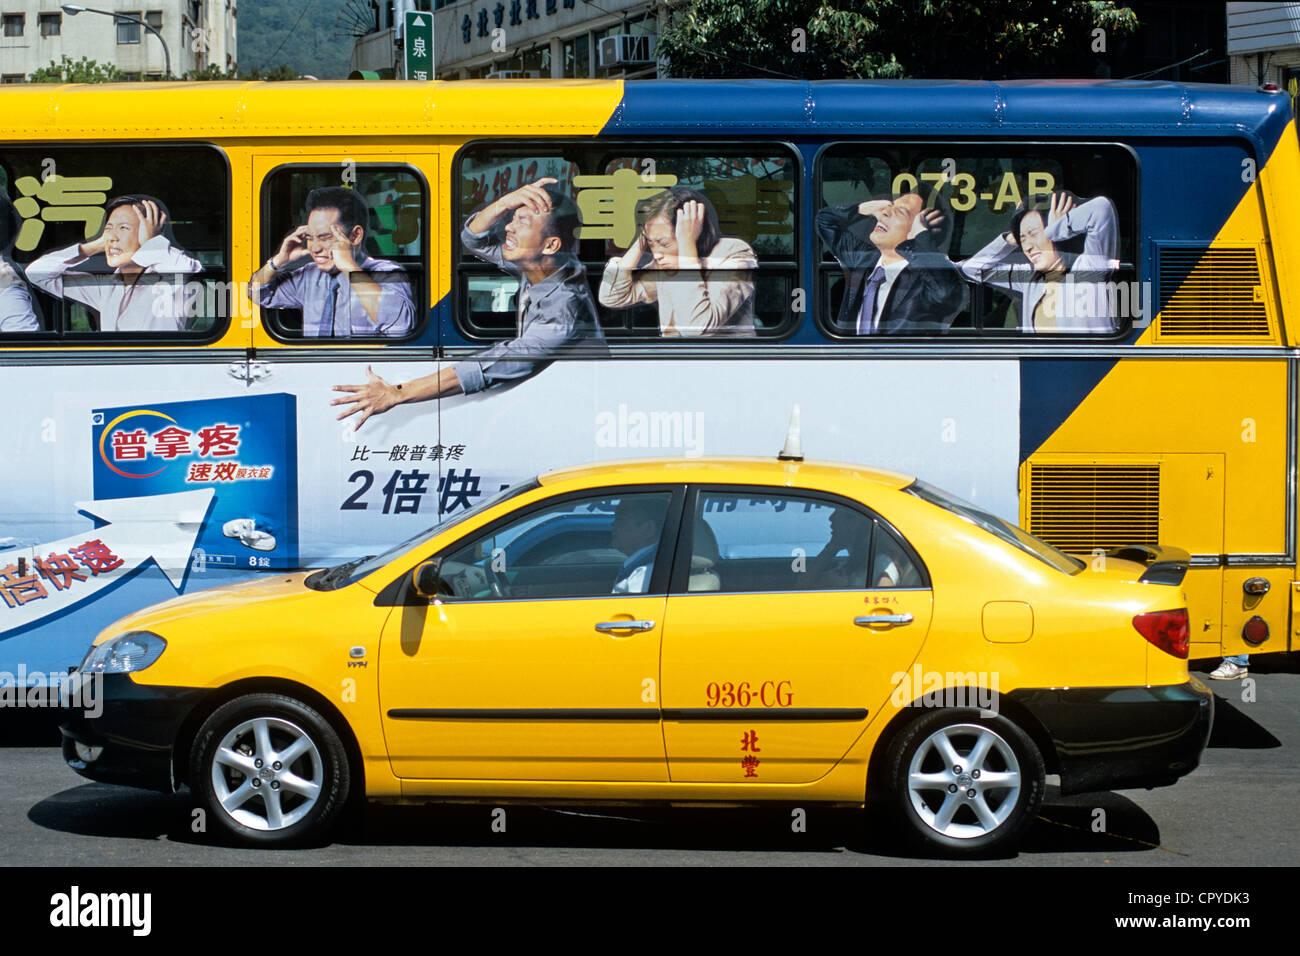 Taiwan, Taipei, taxi e bus insolite nel centro cittadino Immagini Stock